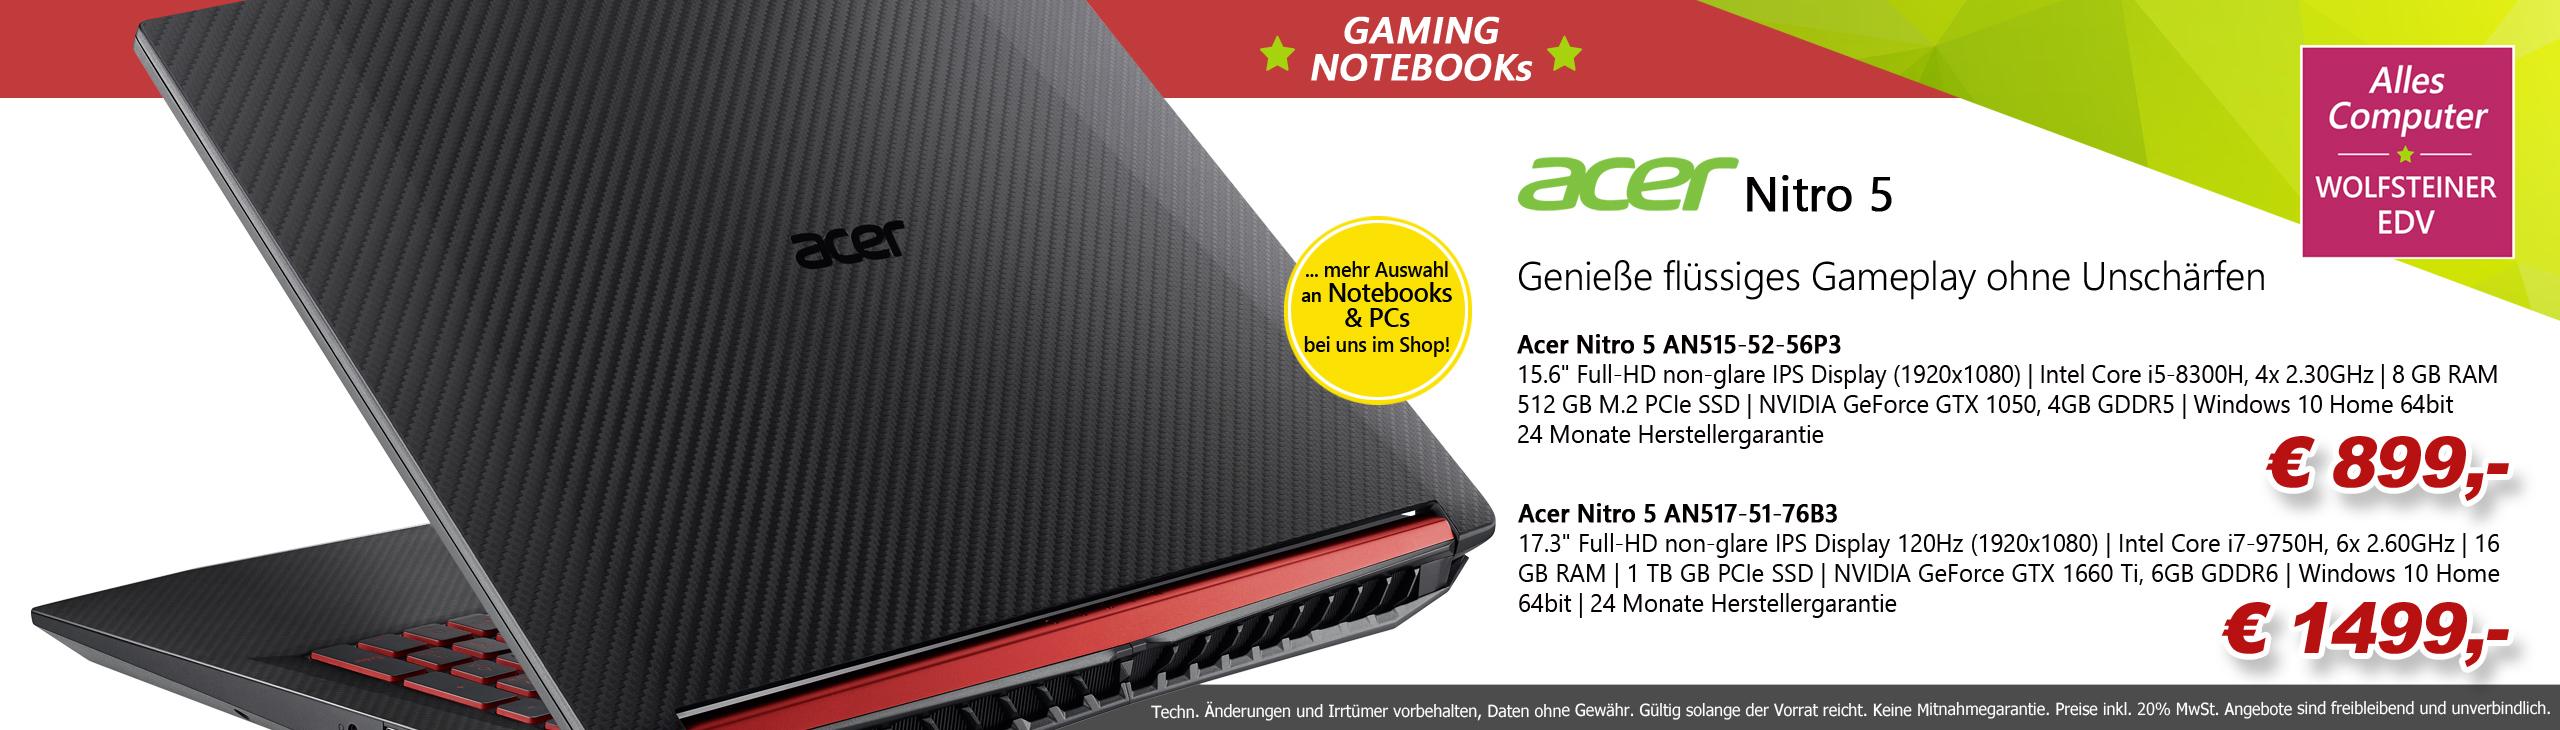 Banner Acer Nitro 5 Gaming Notebooks